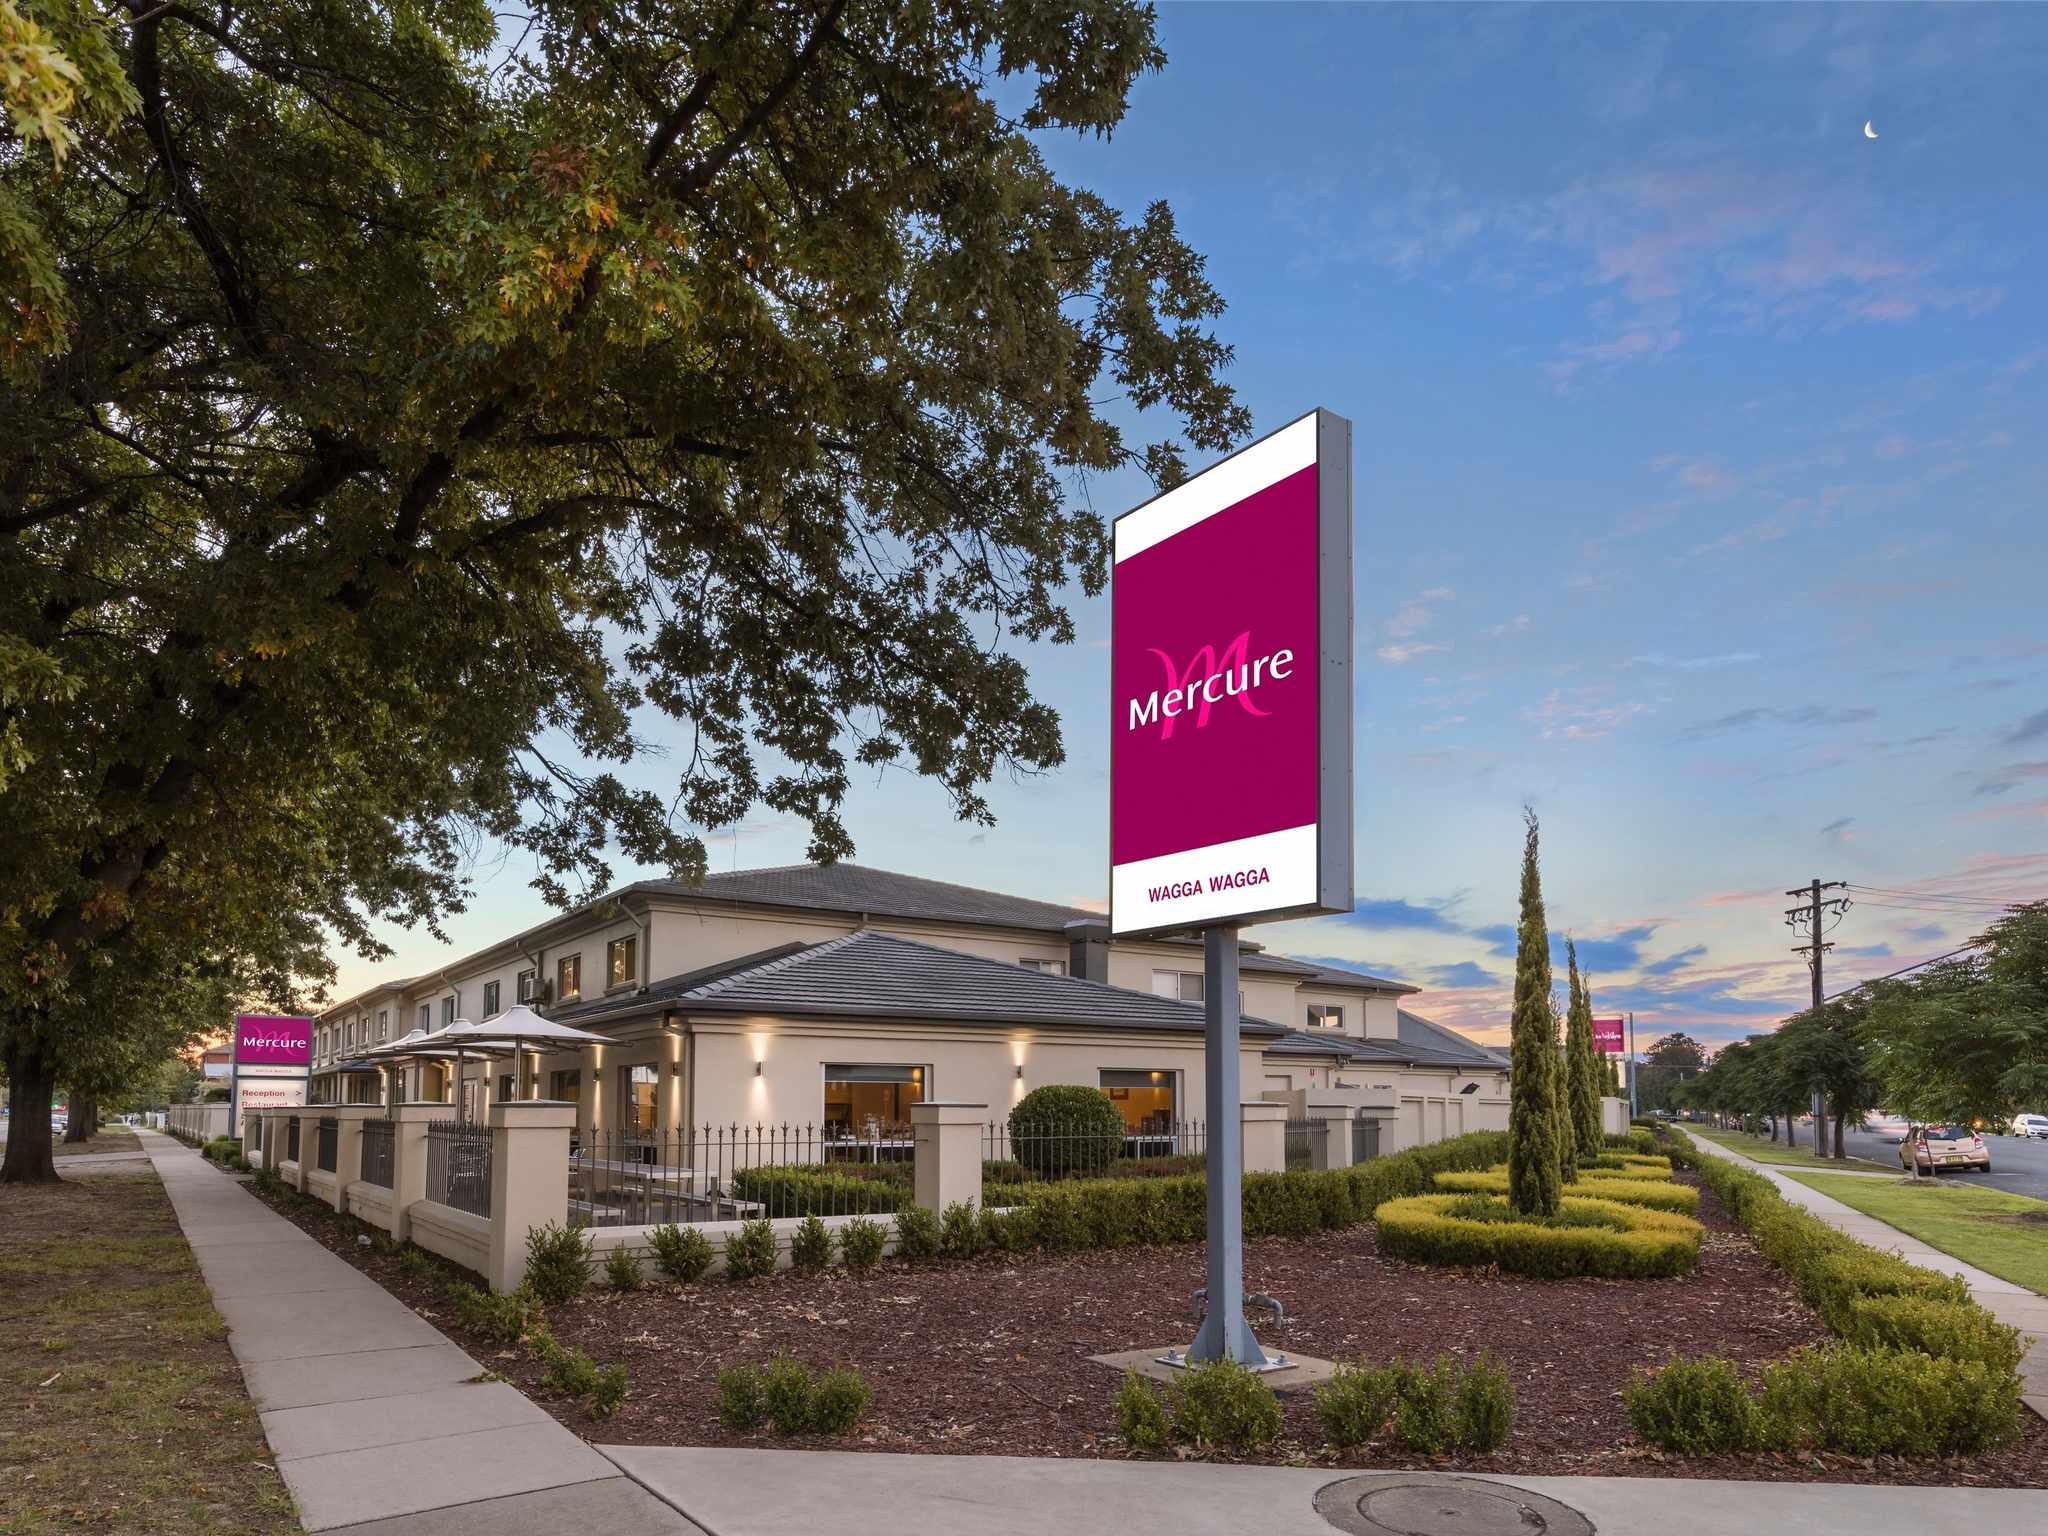 Hotel – Mercure Wagga Wagga